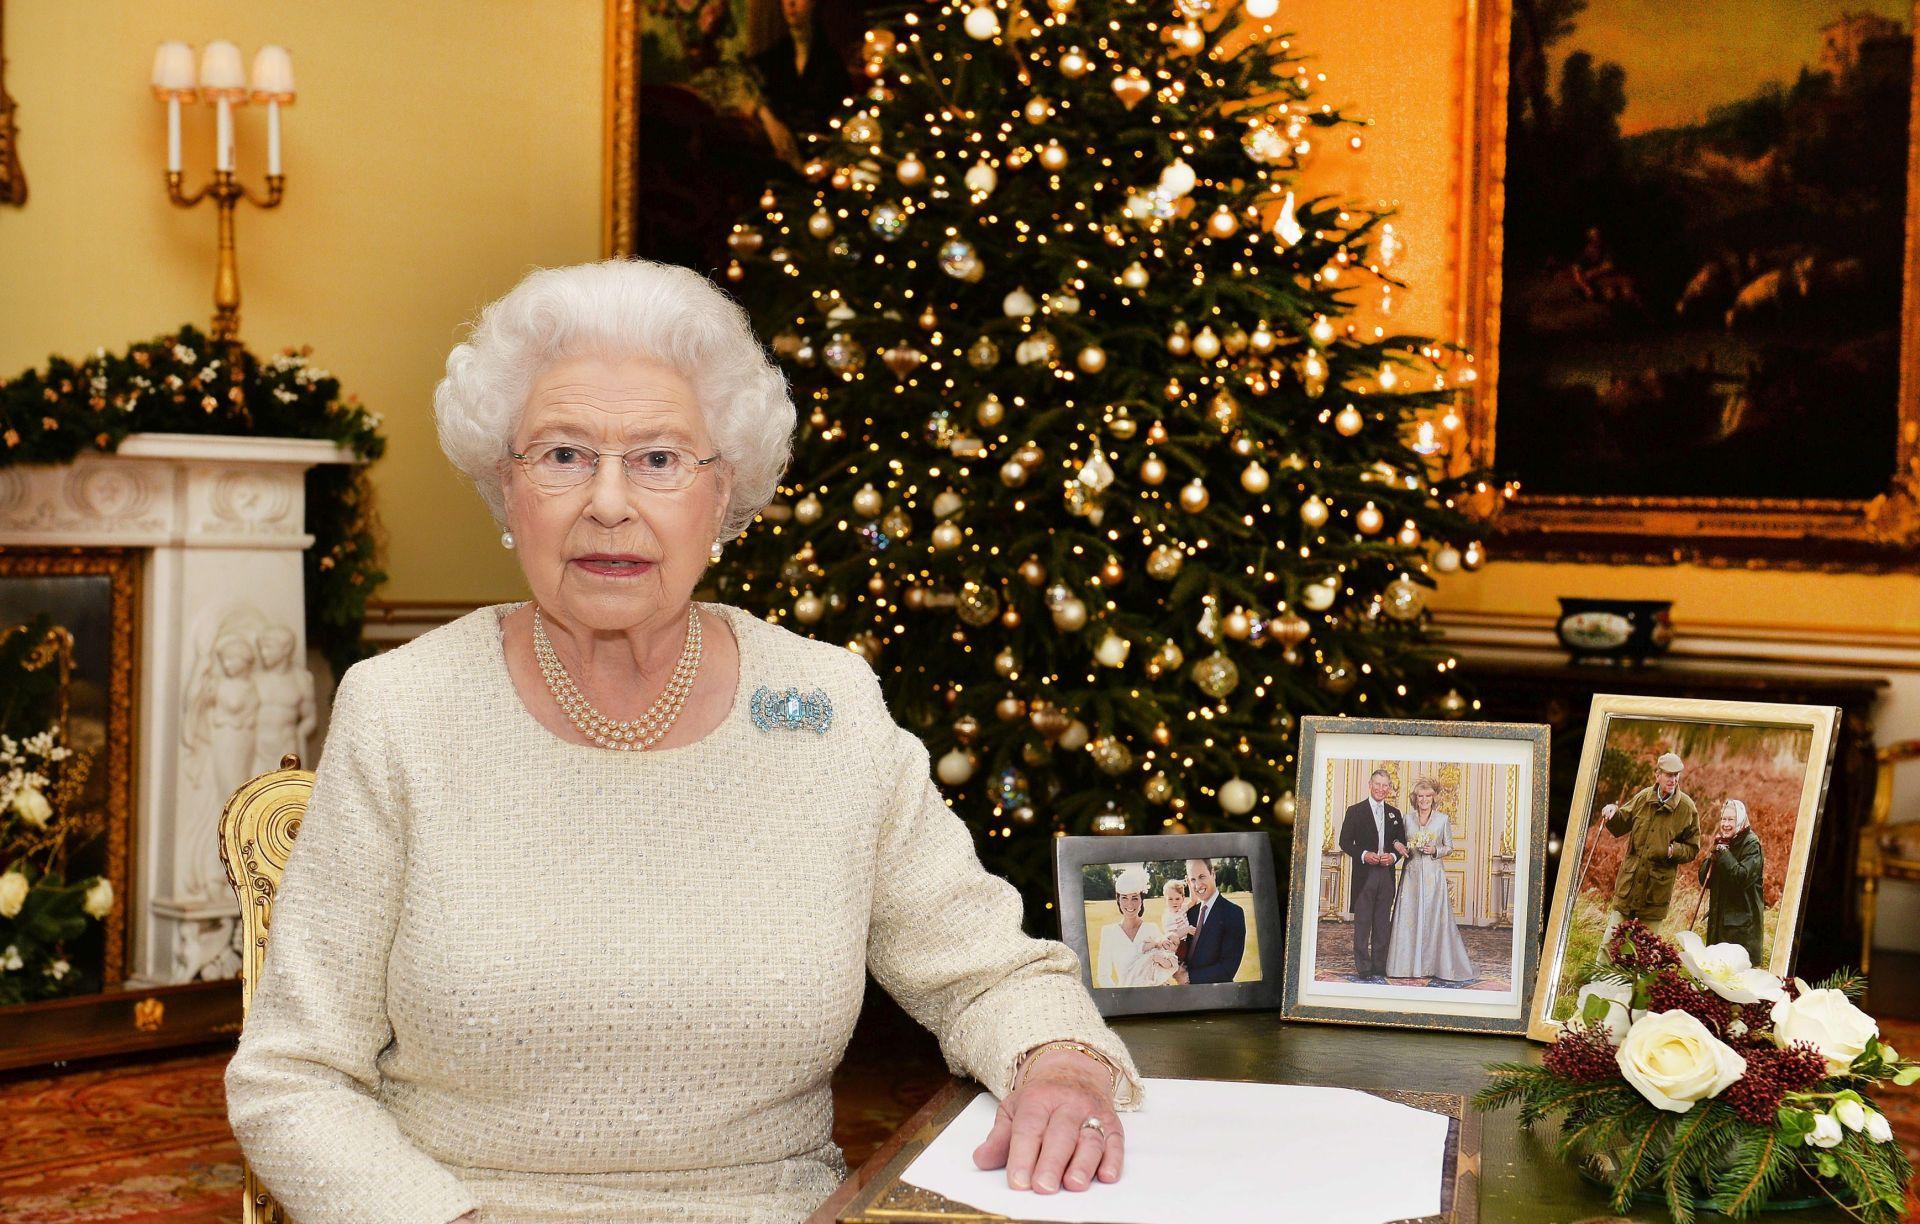 BOŽIĆNA PORUKA: Britanska kraljica istaknula važnost kršćanske vjere u teškim trenucima